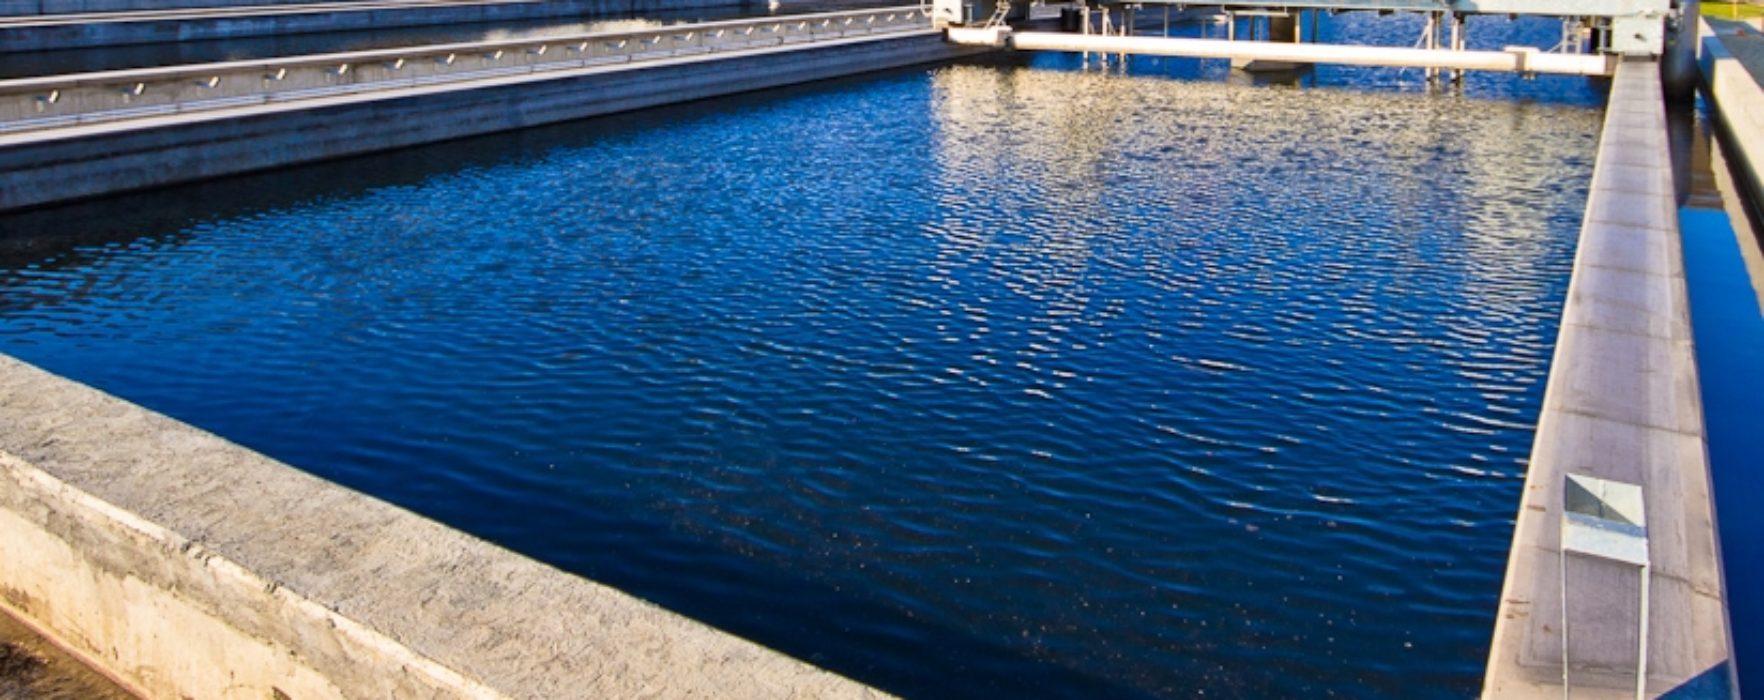 Vizită de studiu la trei obiective ale proiectului european de extindere şi modernizare a infrastructurii de apă Dâmboviţa